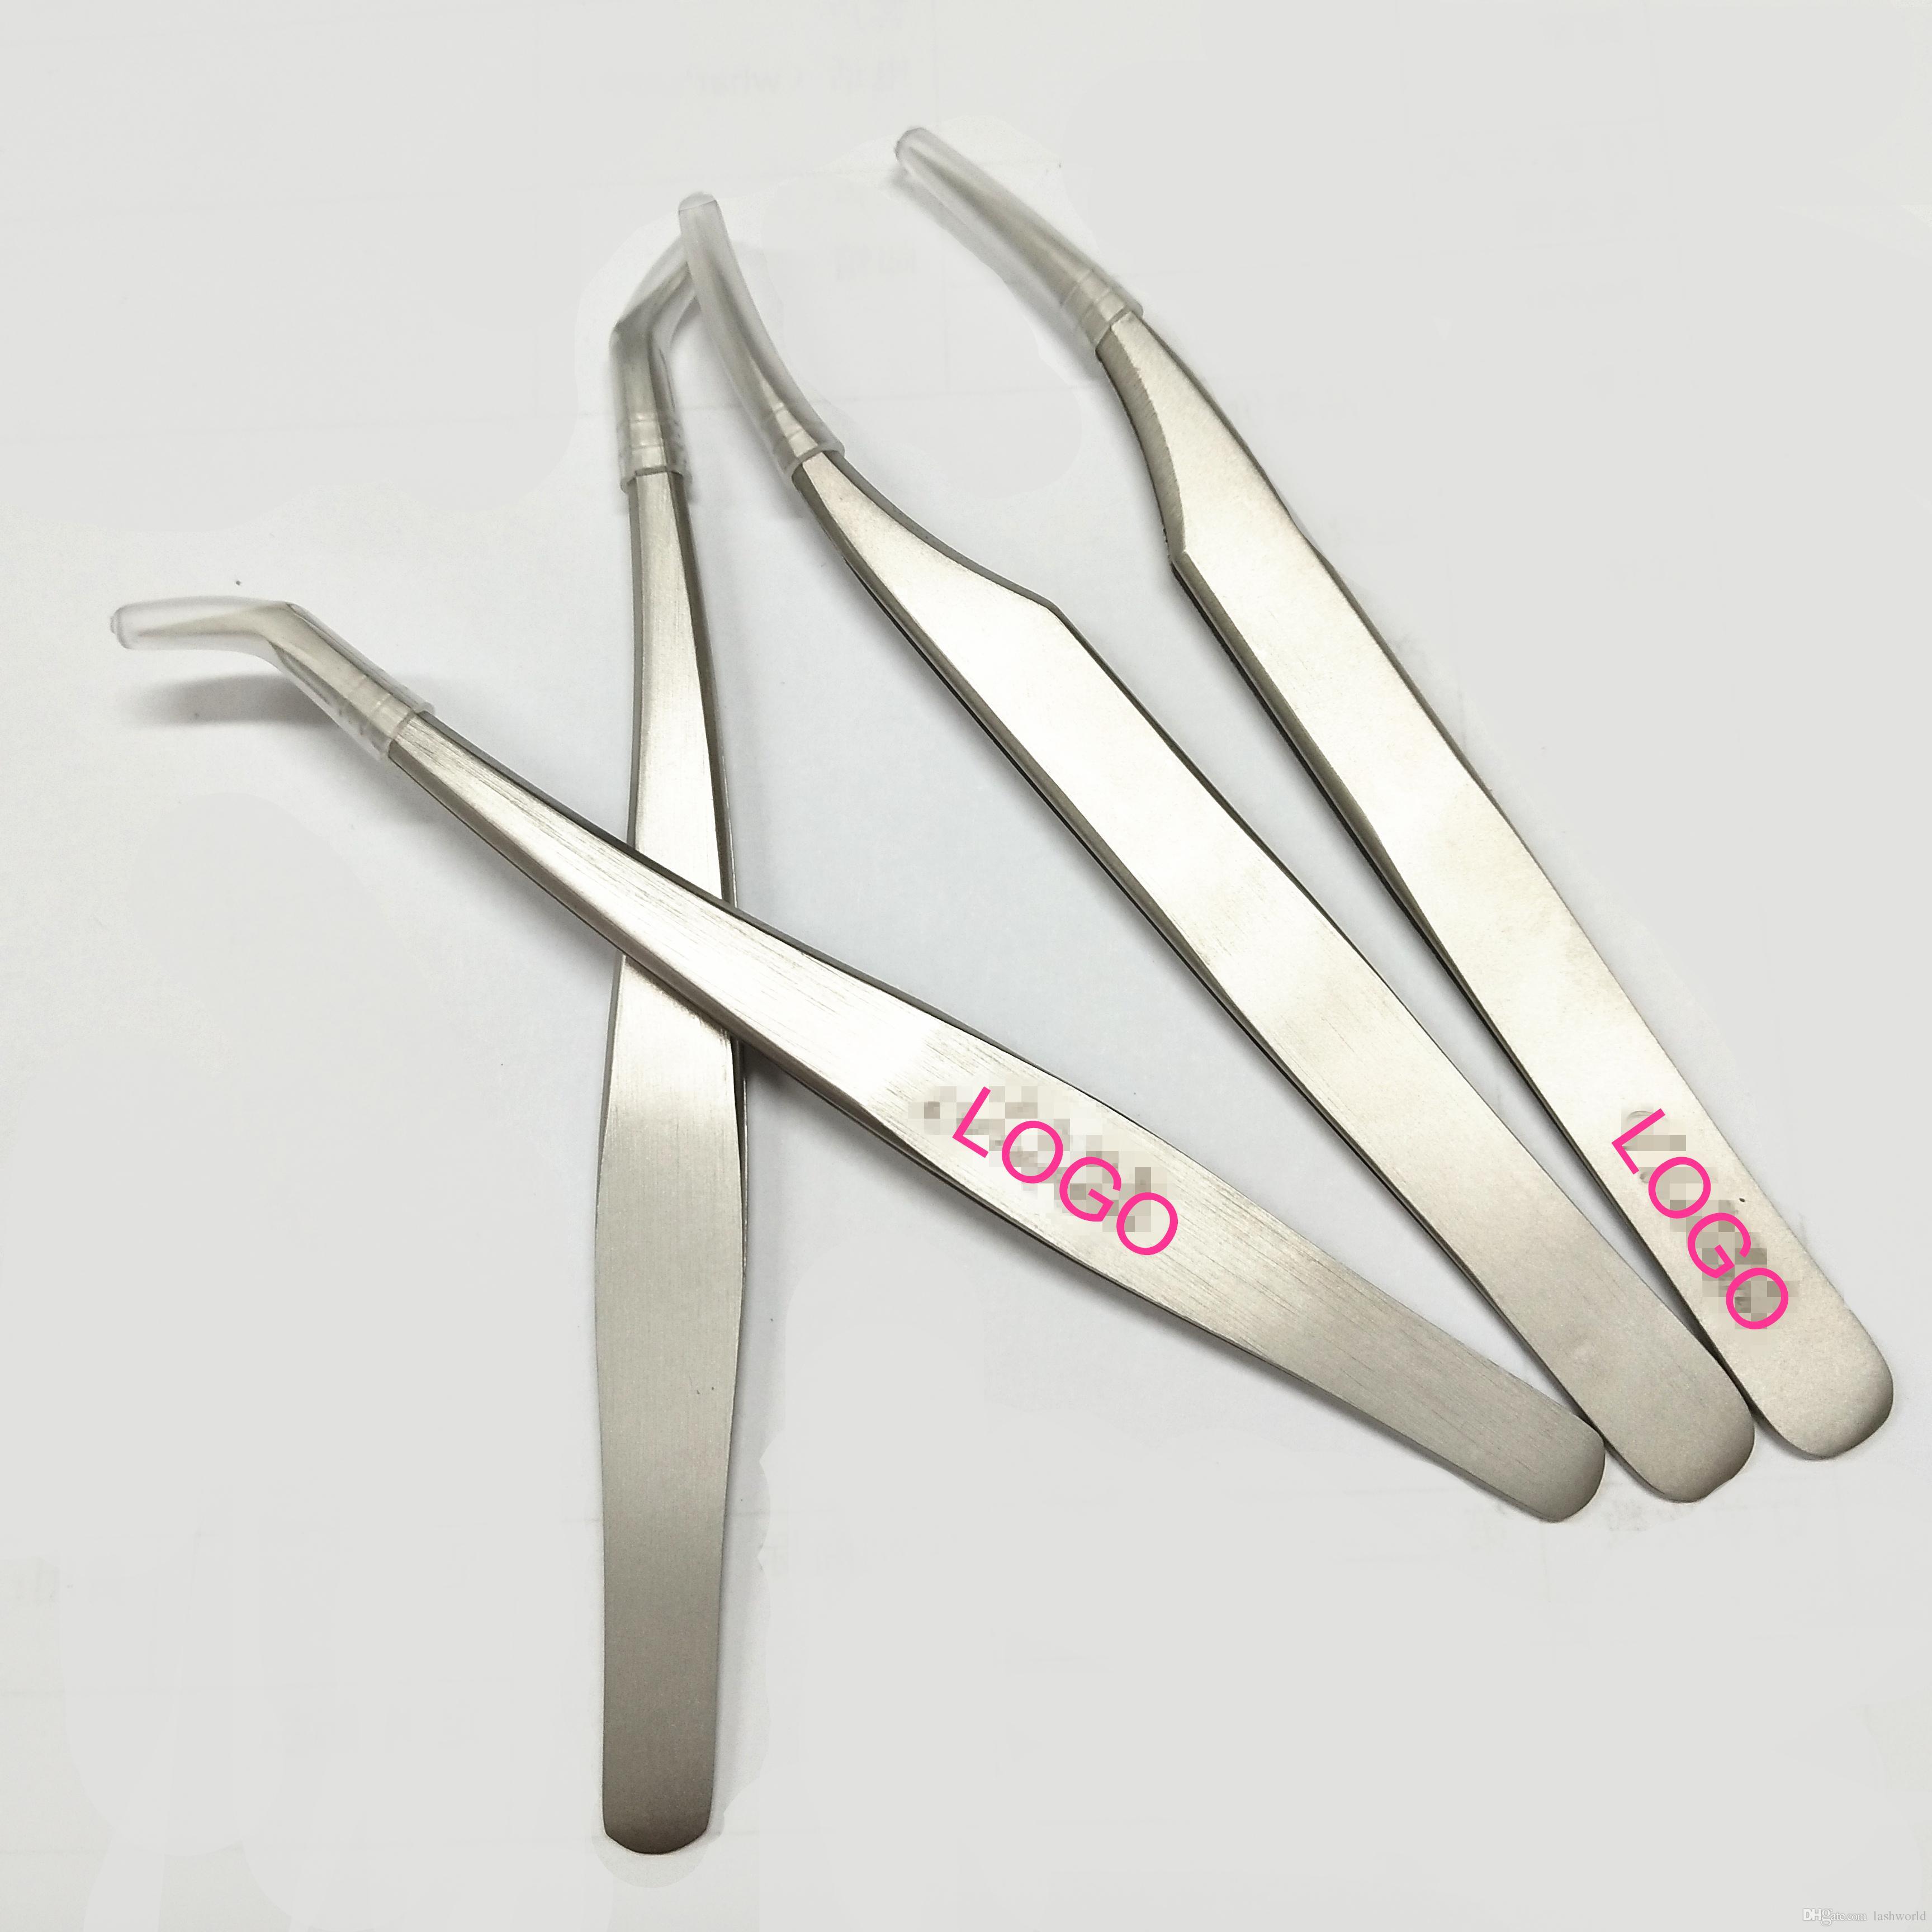 L'acciaio inossidabile all'ingrosso di Seashine mette le pinzette di estensione del ciglio di Multi Tools di elettronica diritto o curva con con il logo del cliente